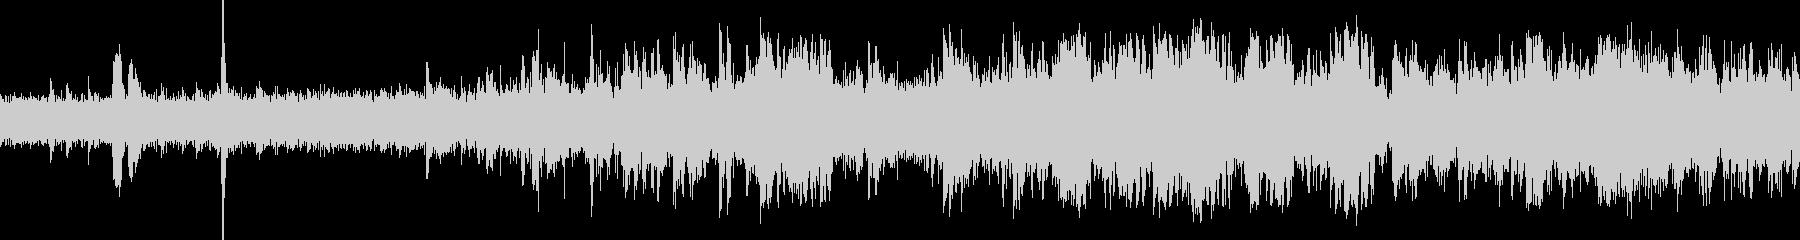 EC、列車の発車音(車内より収録)の未再生の波形